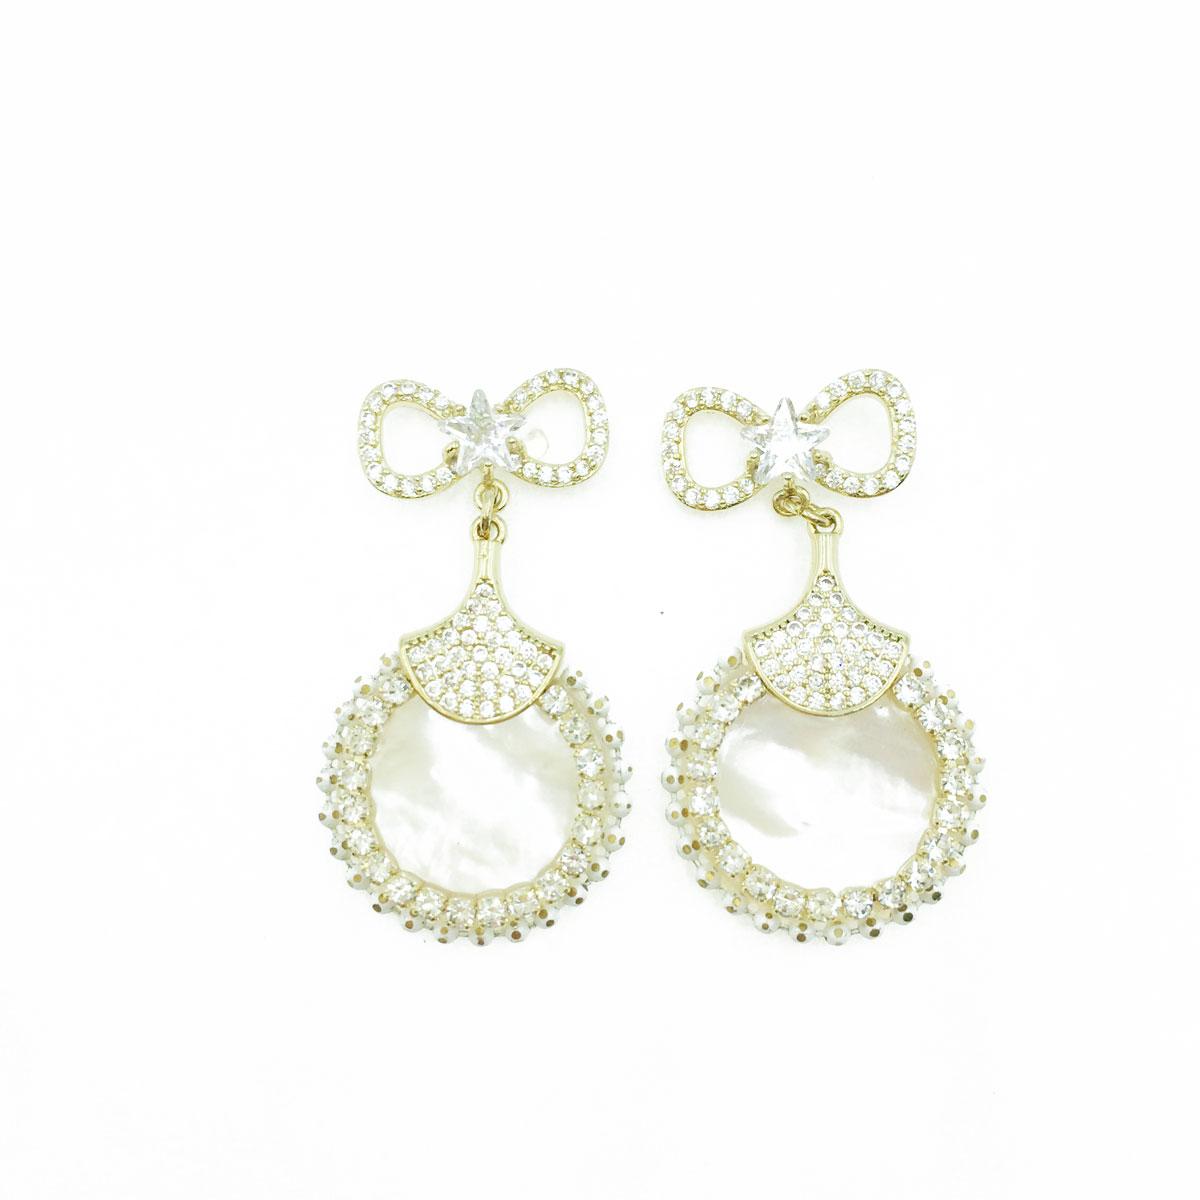 韓國 925純銀 星星 簍空 蝴蝶結 水鑽 貝殼圓 垂墜感 耳針式耳環